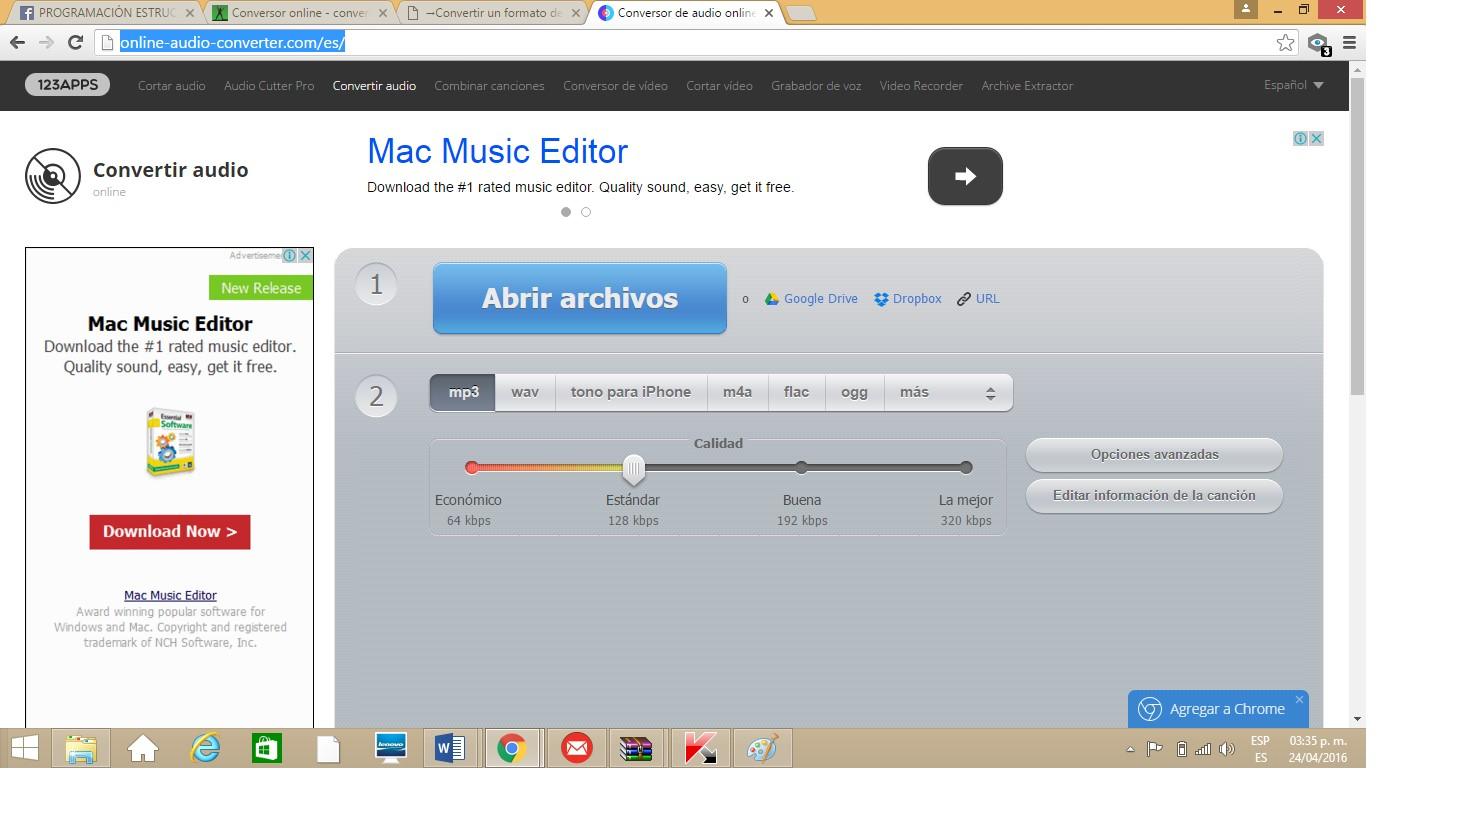 TRATAMIENTO DIGITAL DE IMAGEN Y AUDIO